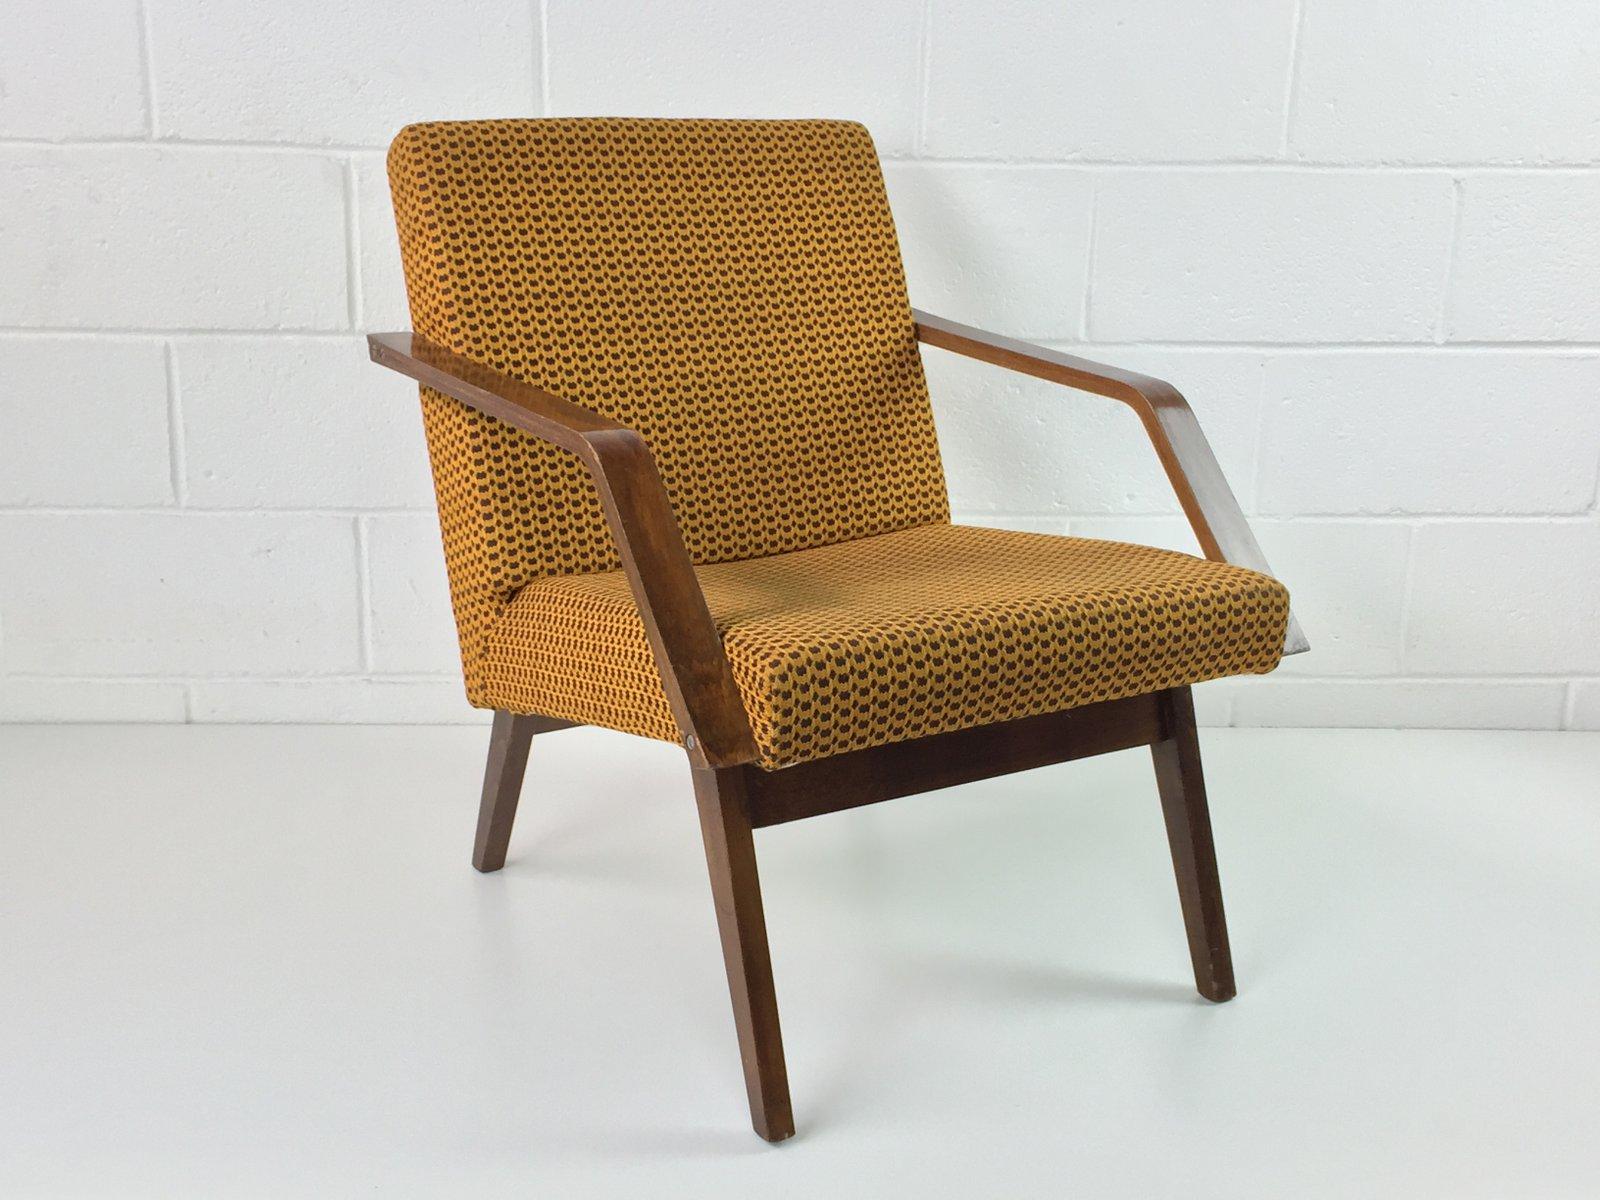 Vintage Sessel in Safrangelb